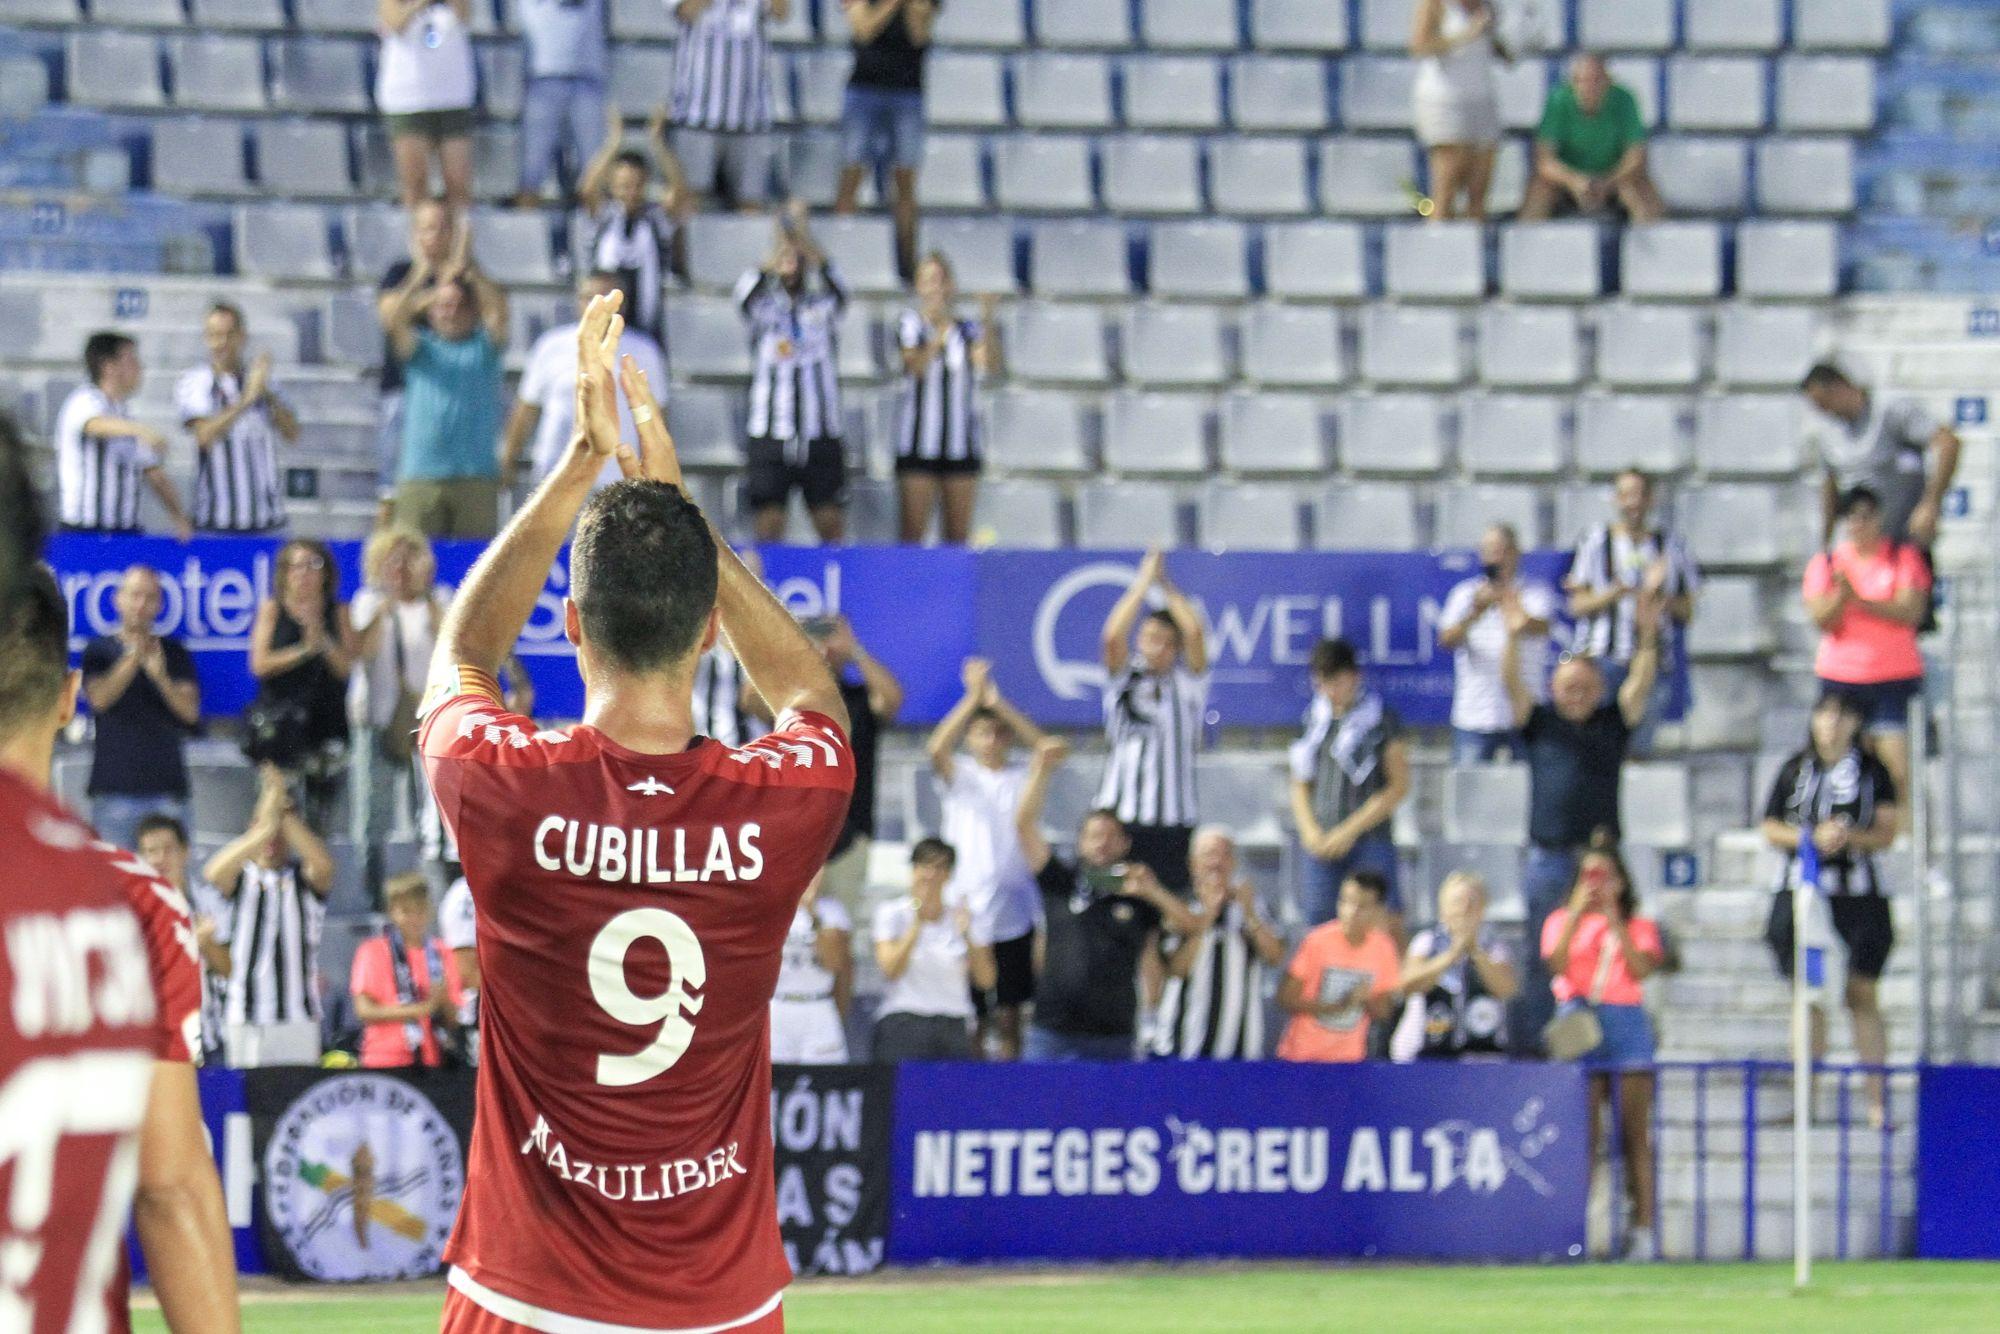 Cubillas del Castellón aplaudiendo a su afición